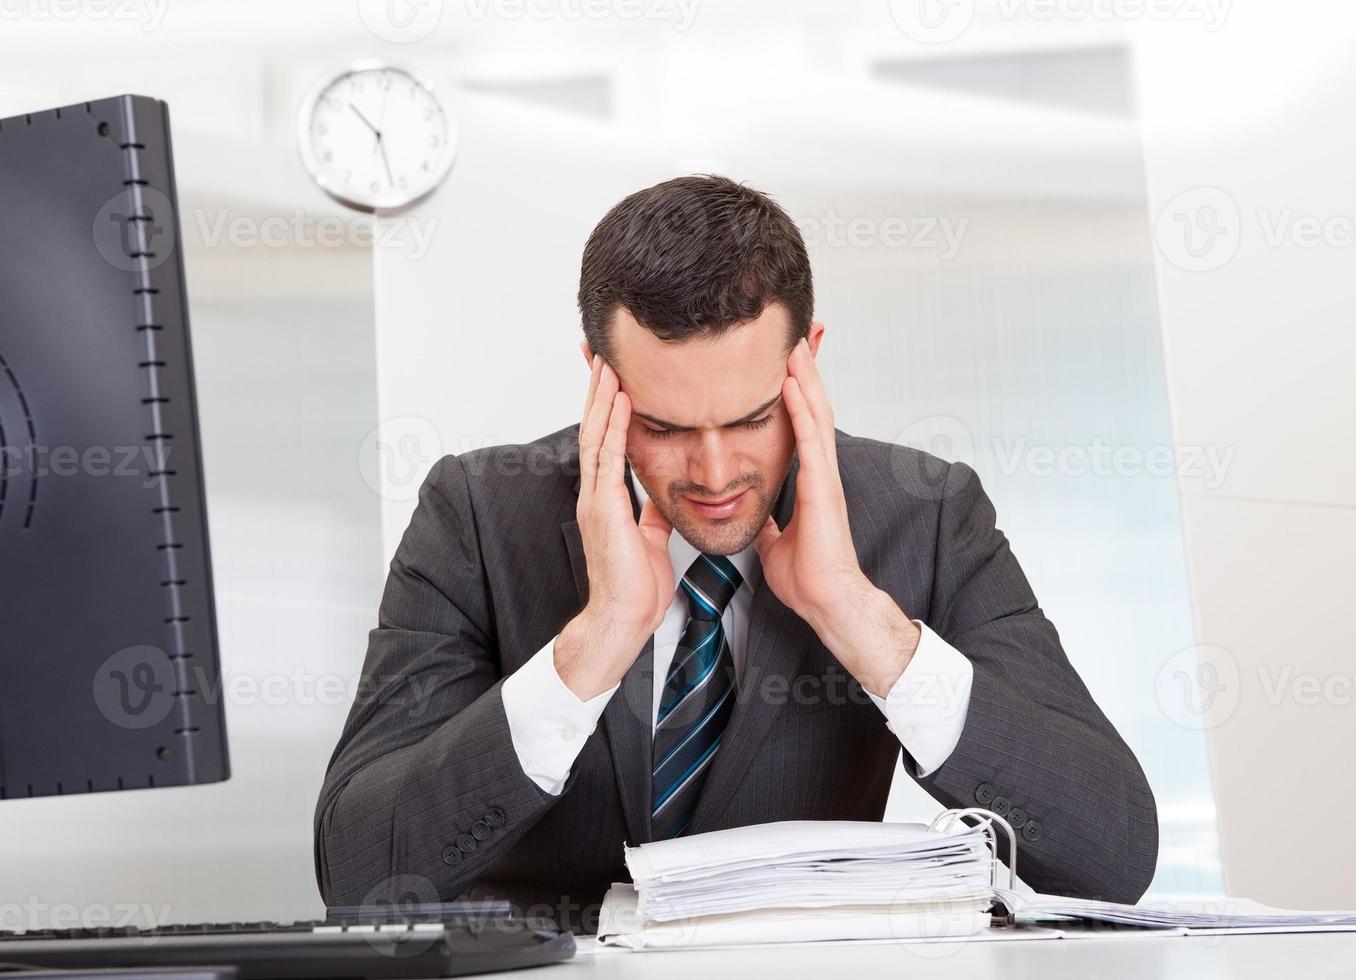 homme d'affaires souffrant de maux de tête photo